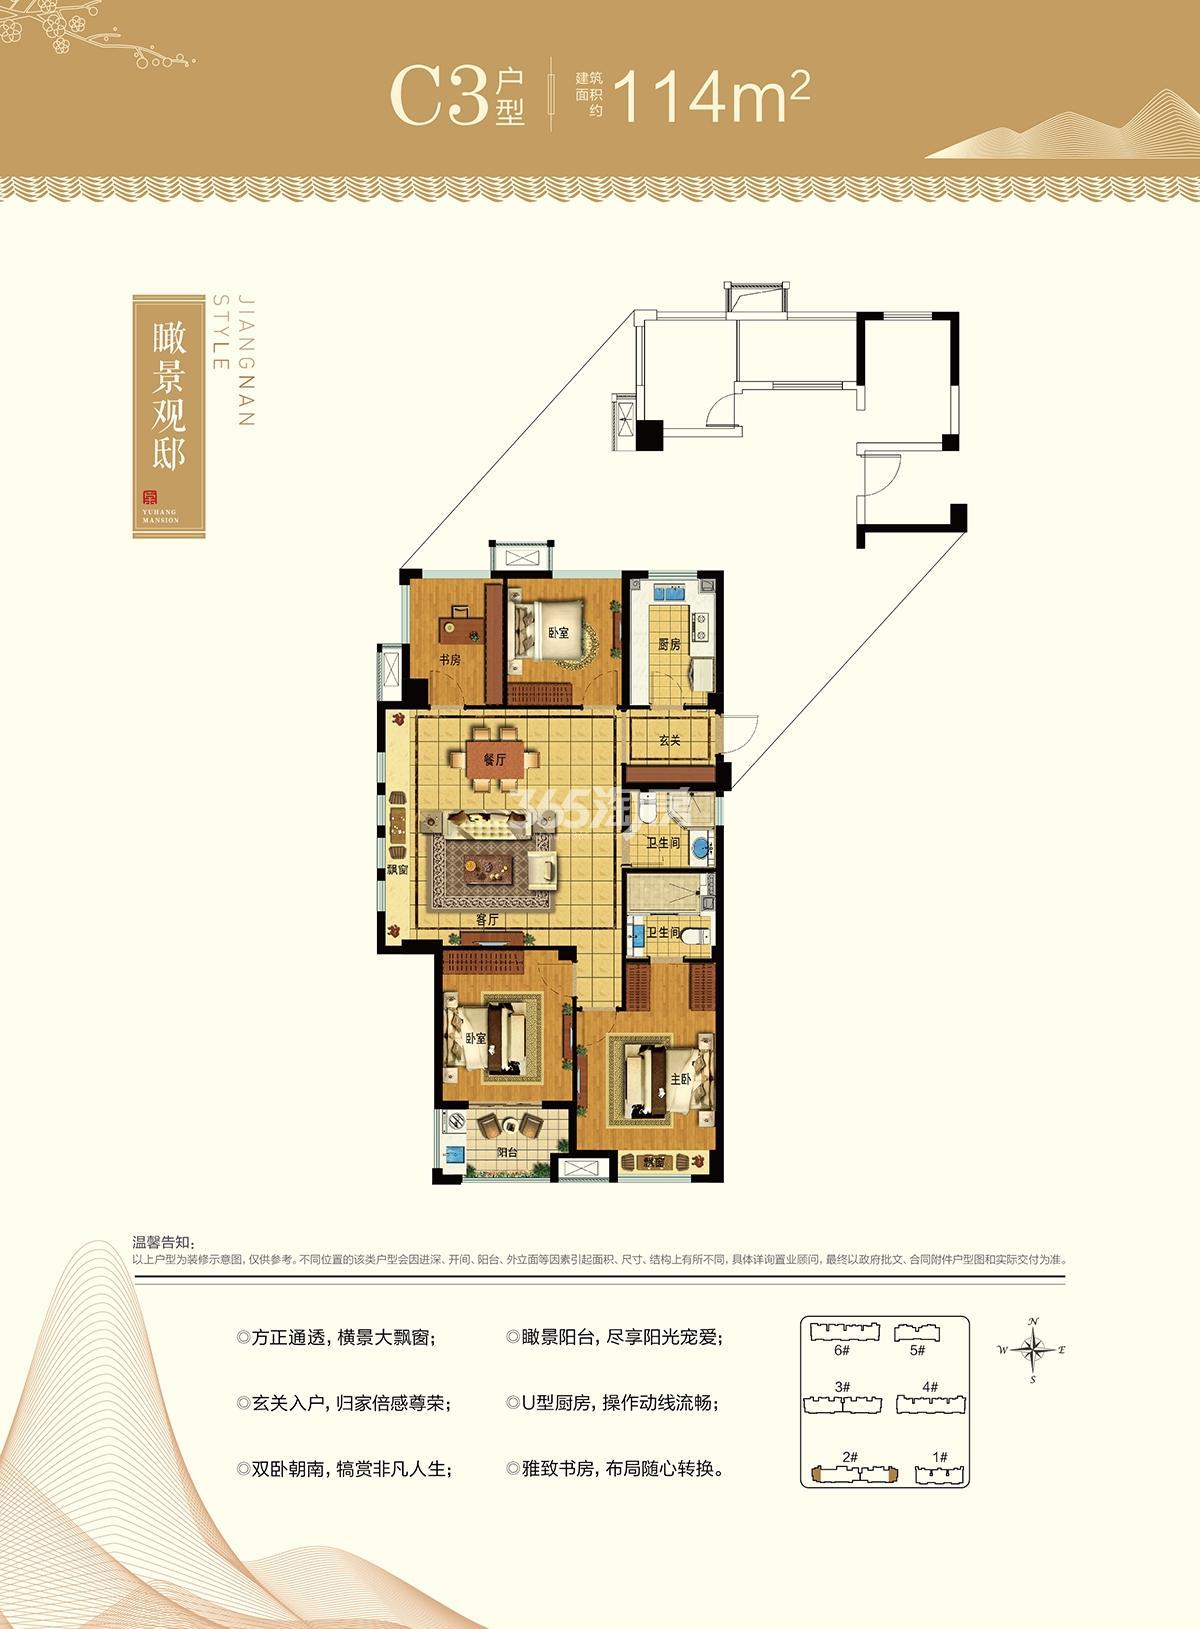 西房余杭公馆2号楼C3户型114方